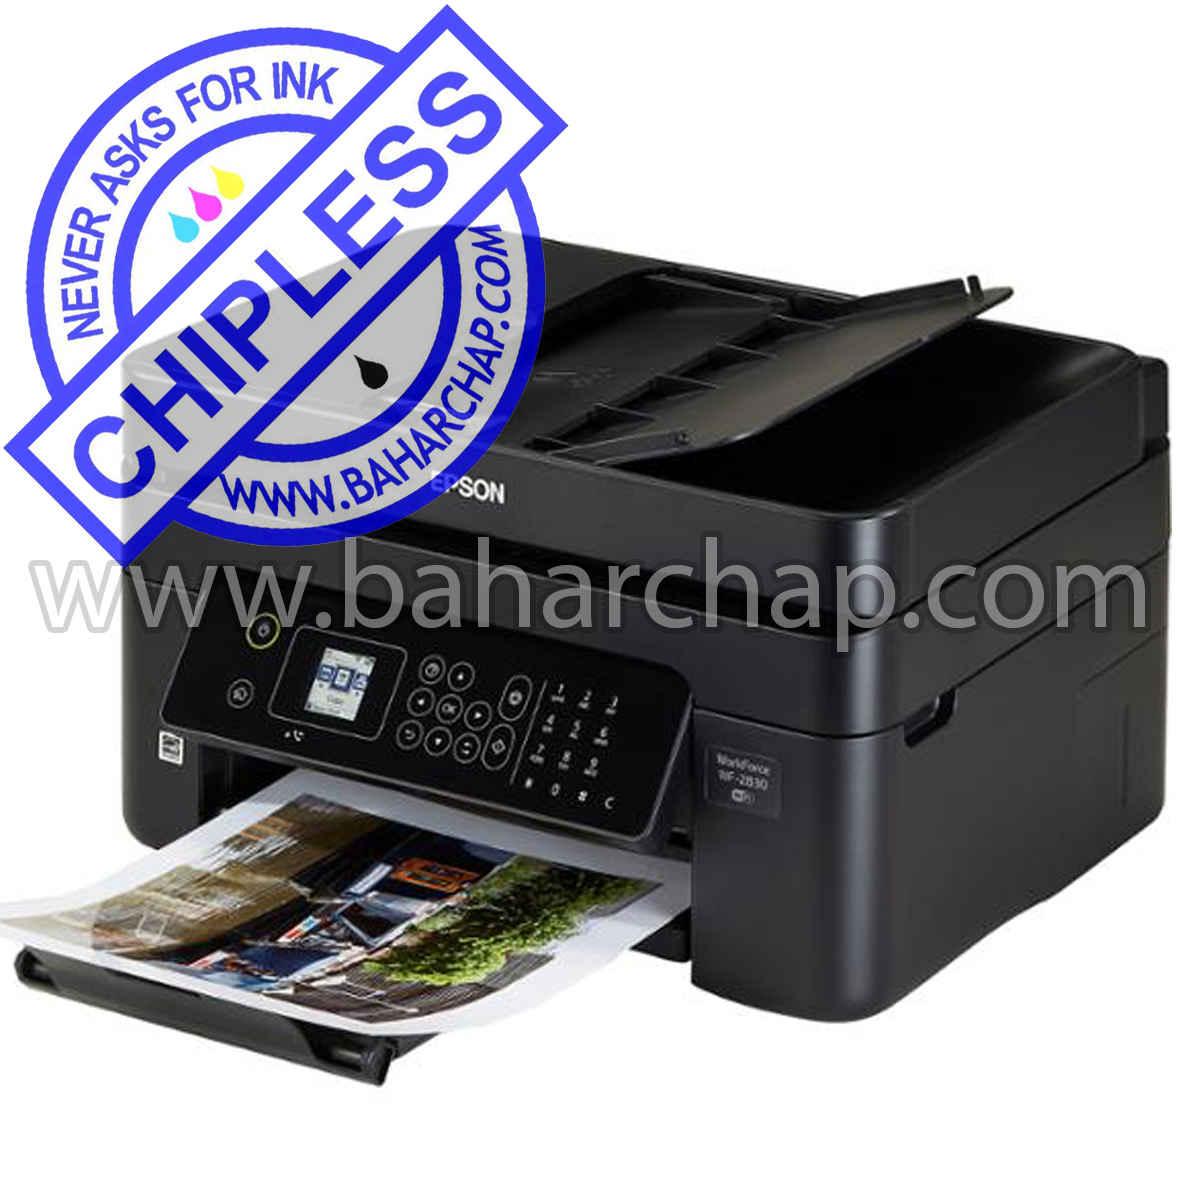 فروشگاه و خدمات اینترنتی بهارچاپ اصفهان-بدون چیپ کردن اپسون WF2835-DWF-epson WF2835-DWFchipless firmware